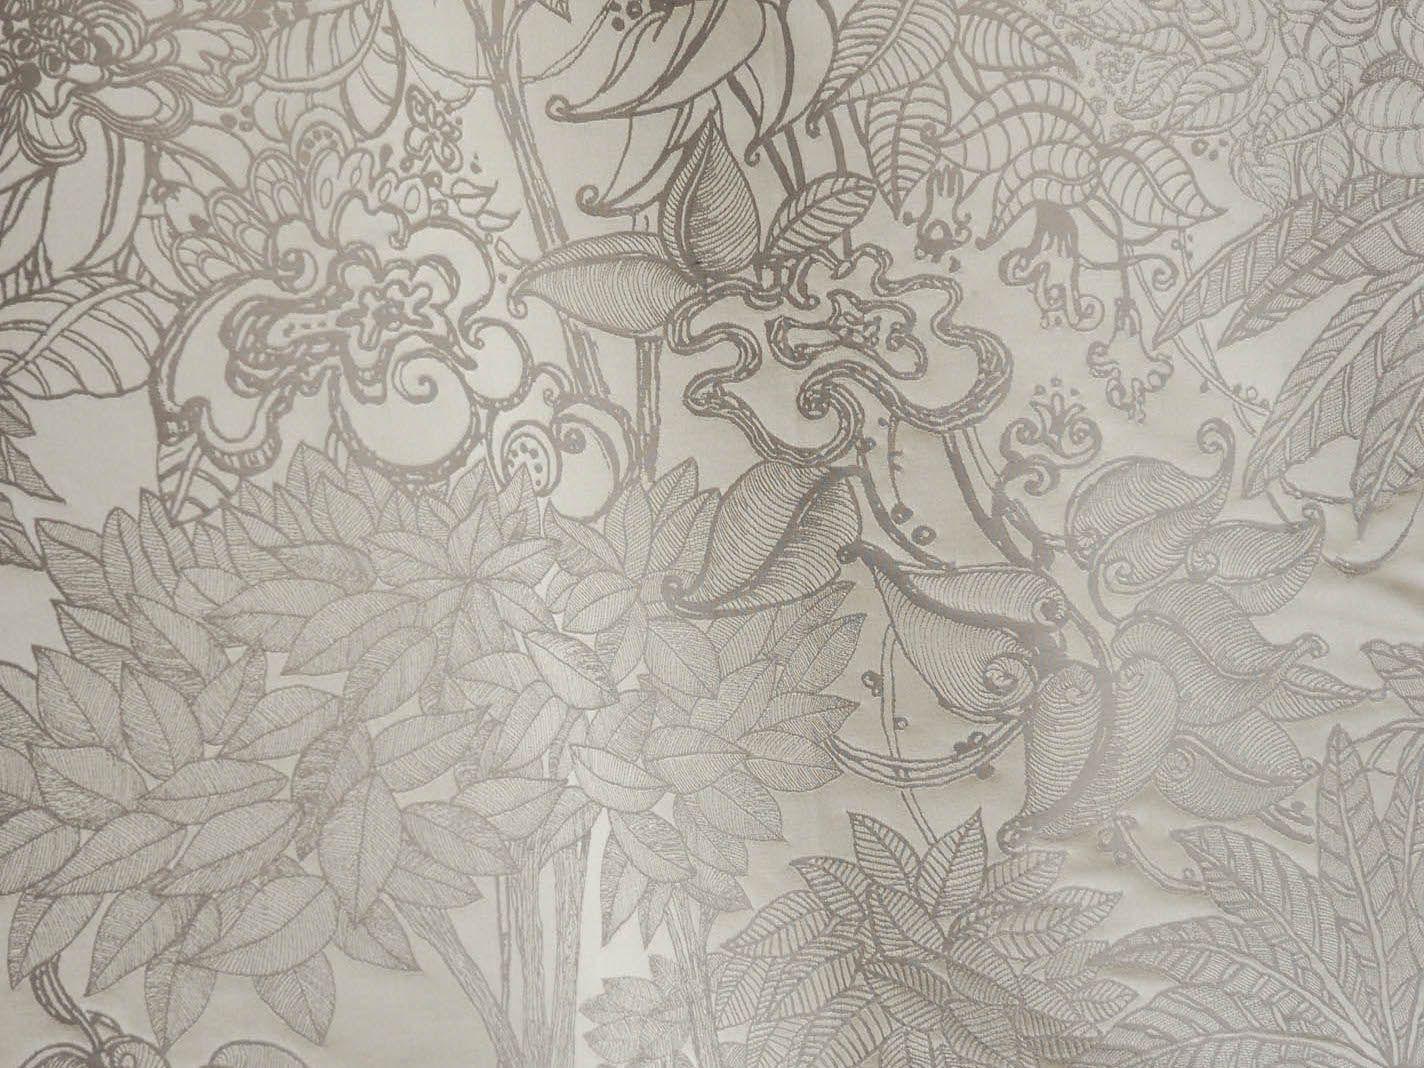 blumen damast stoff aus baumwolle jardin d 39 eden by lelievre design jean boggio. Black Bedroom Furniture Sets. Home Design Ideas